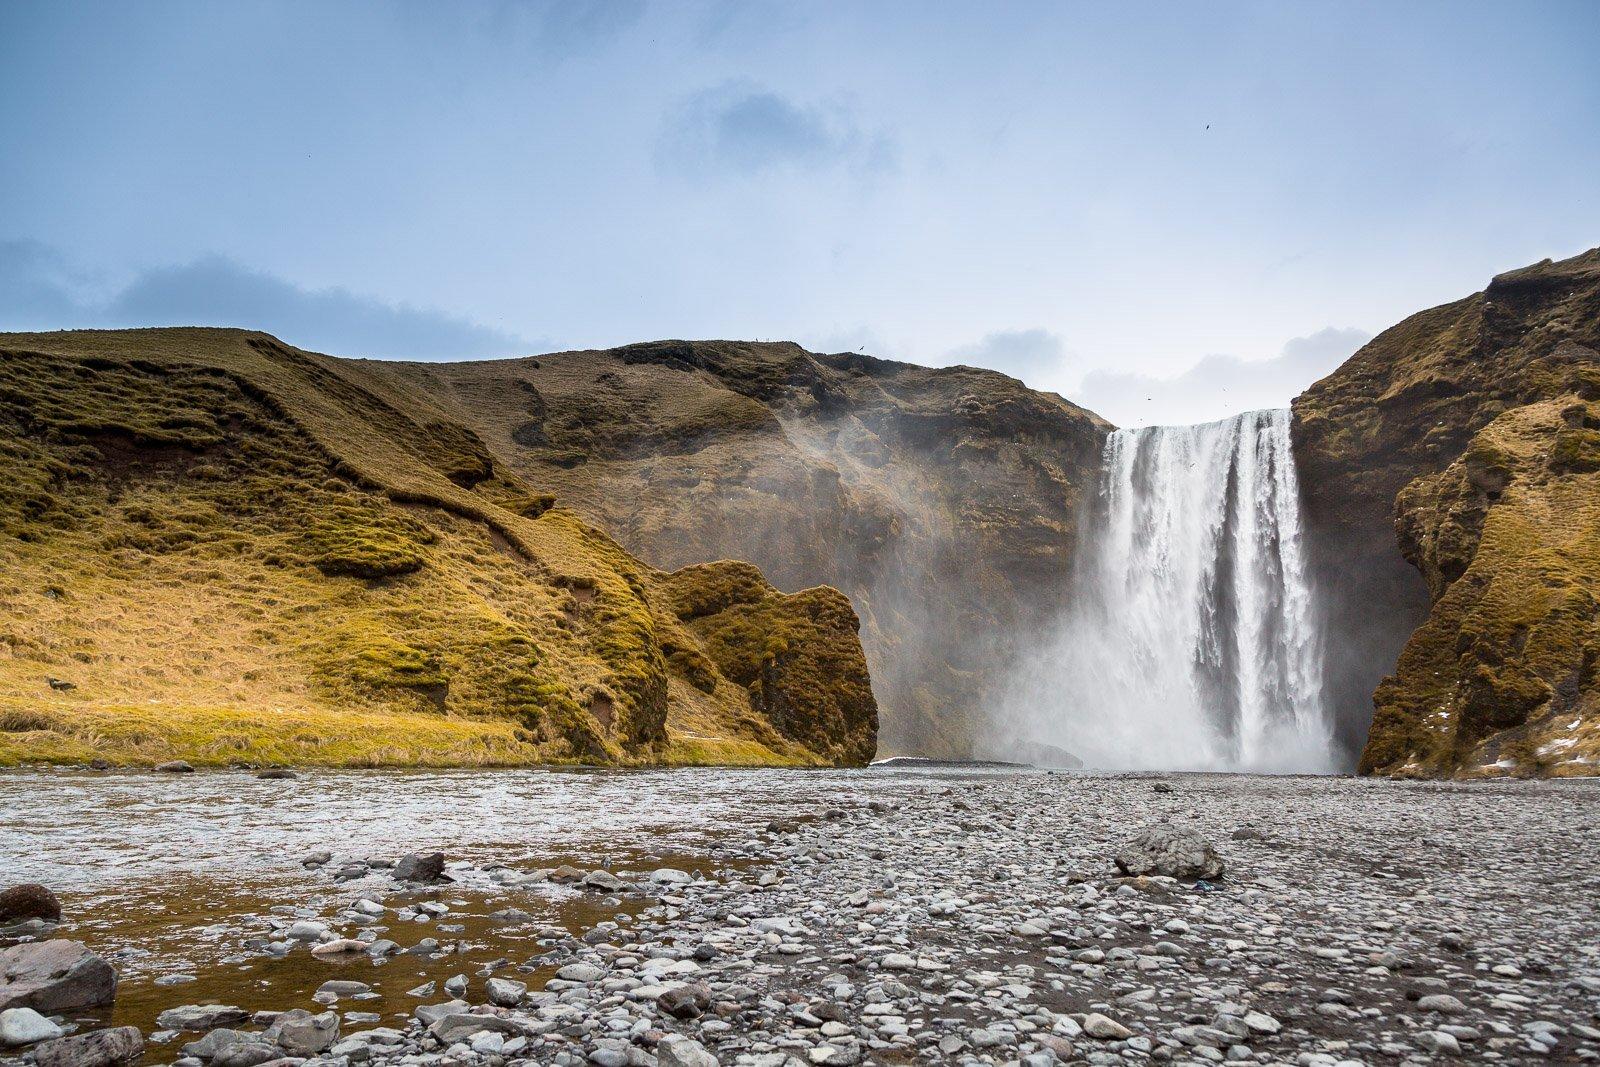 Stoppover Reykjavik Skogafoss